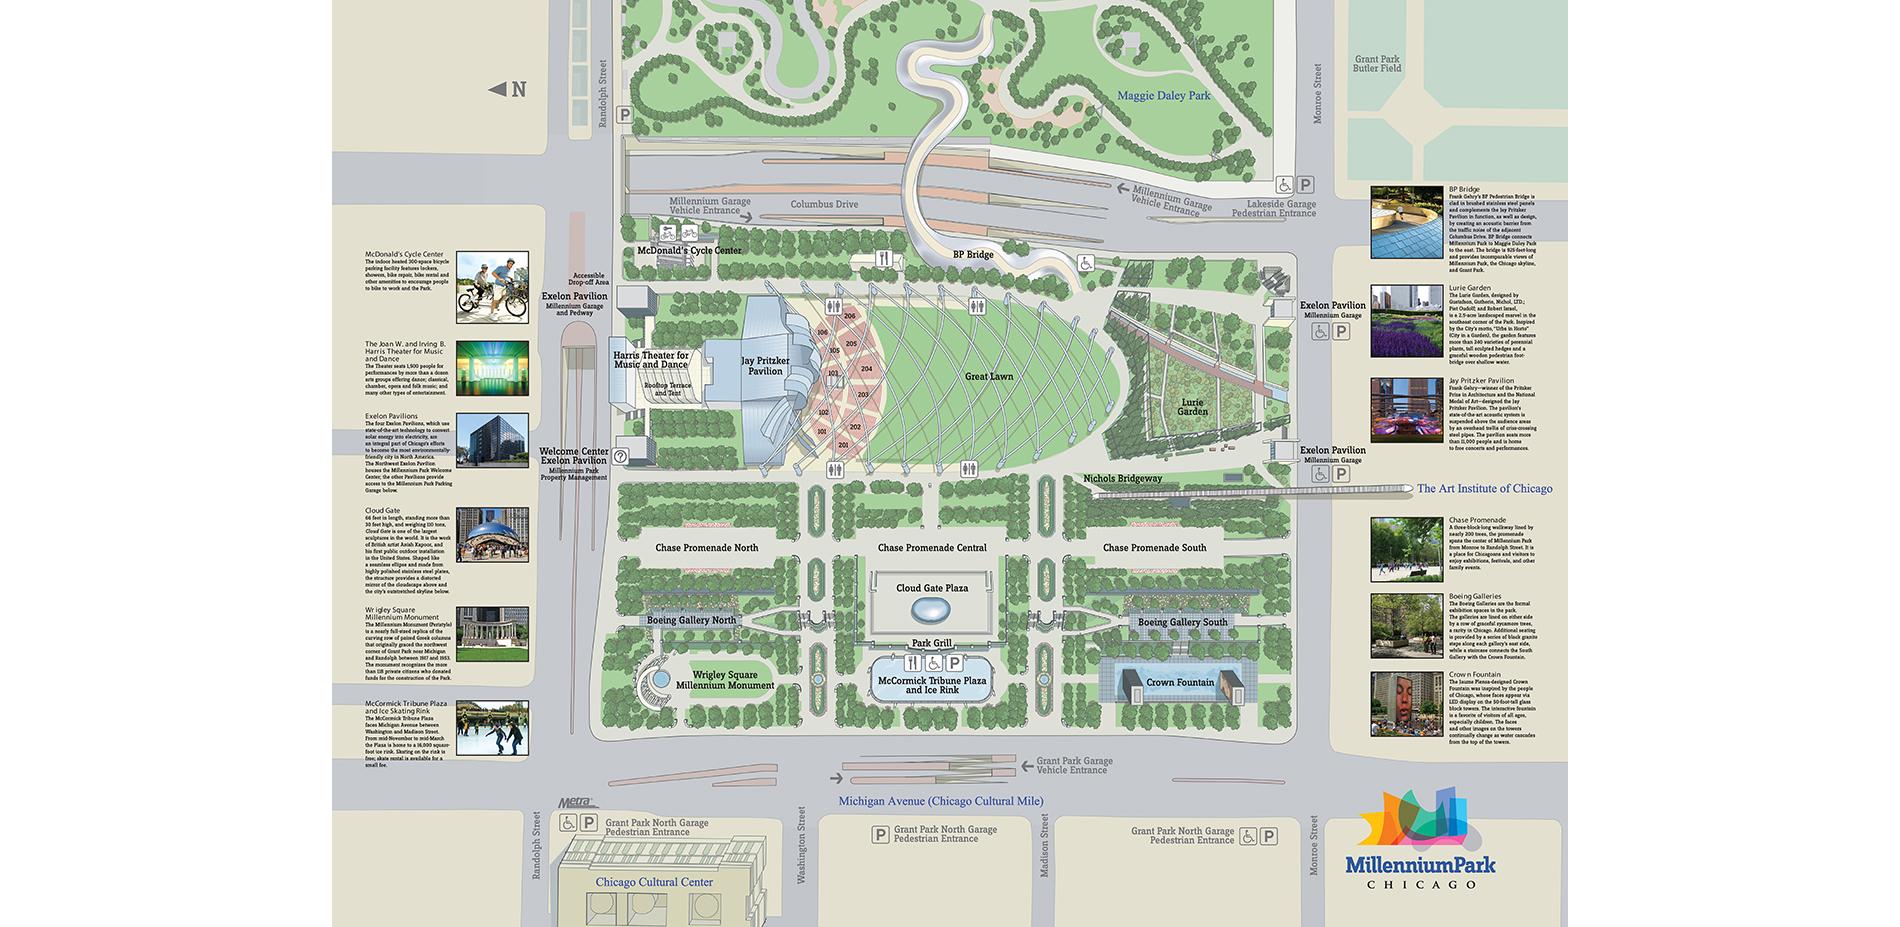 Millennium Park Site Plan